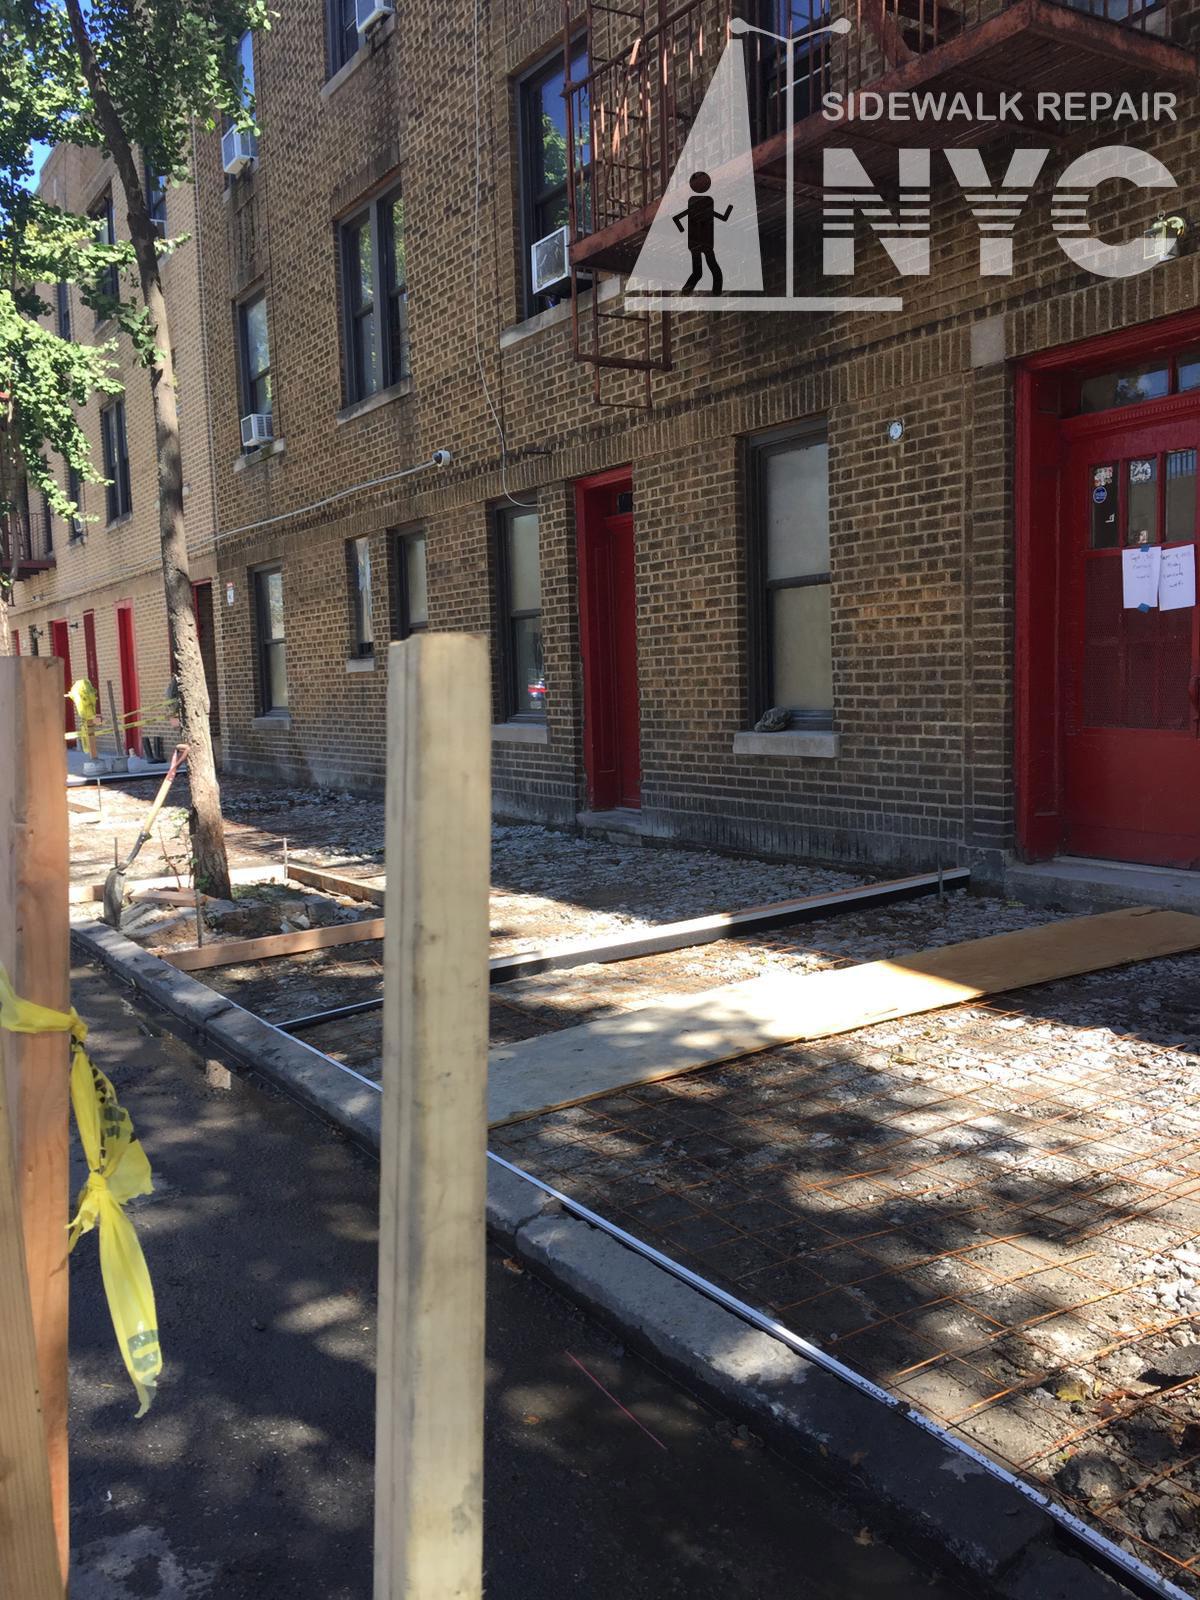 sidewalk-image1.jpg